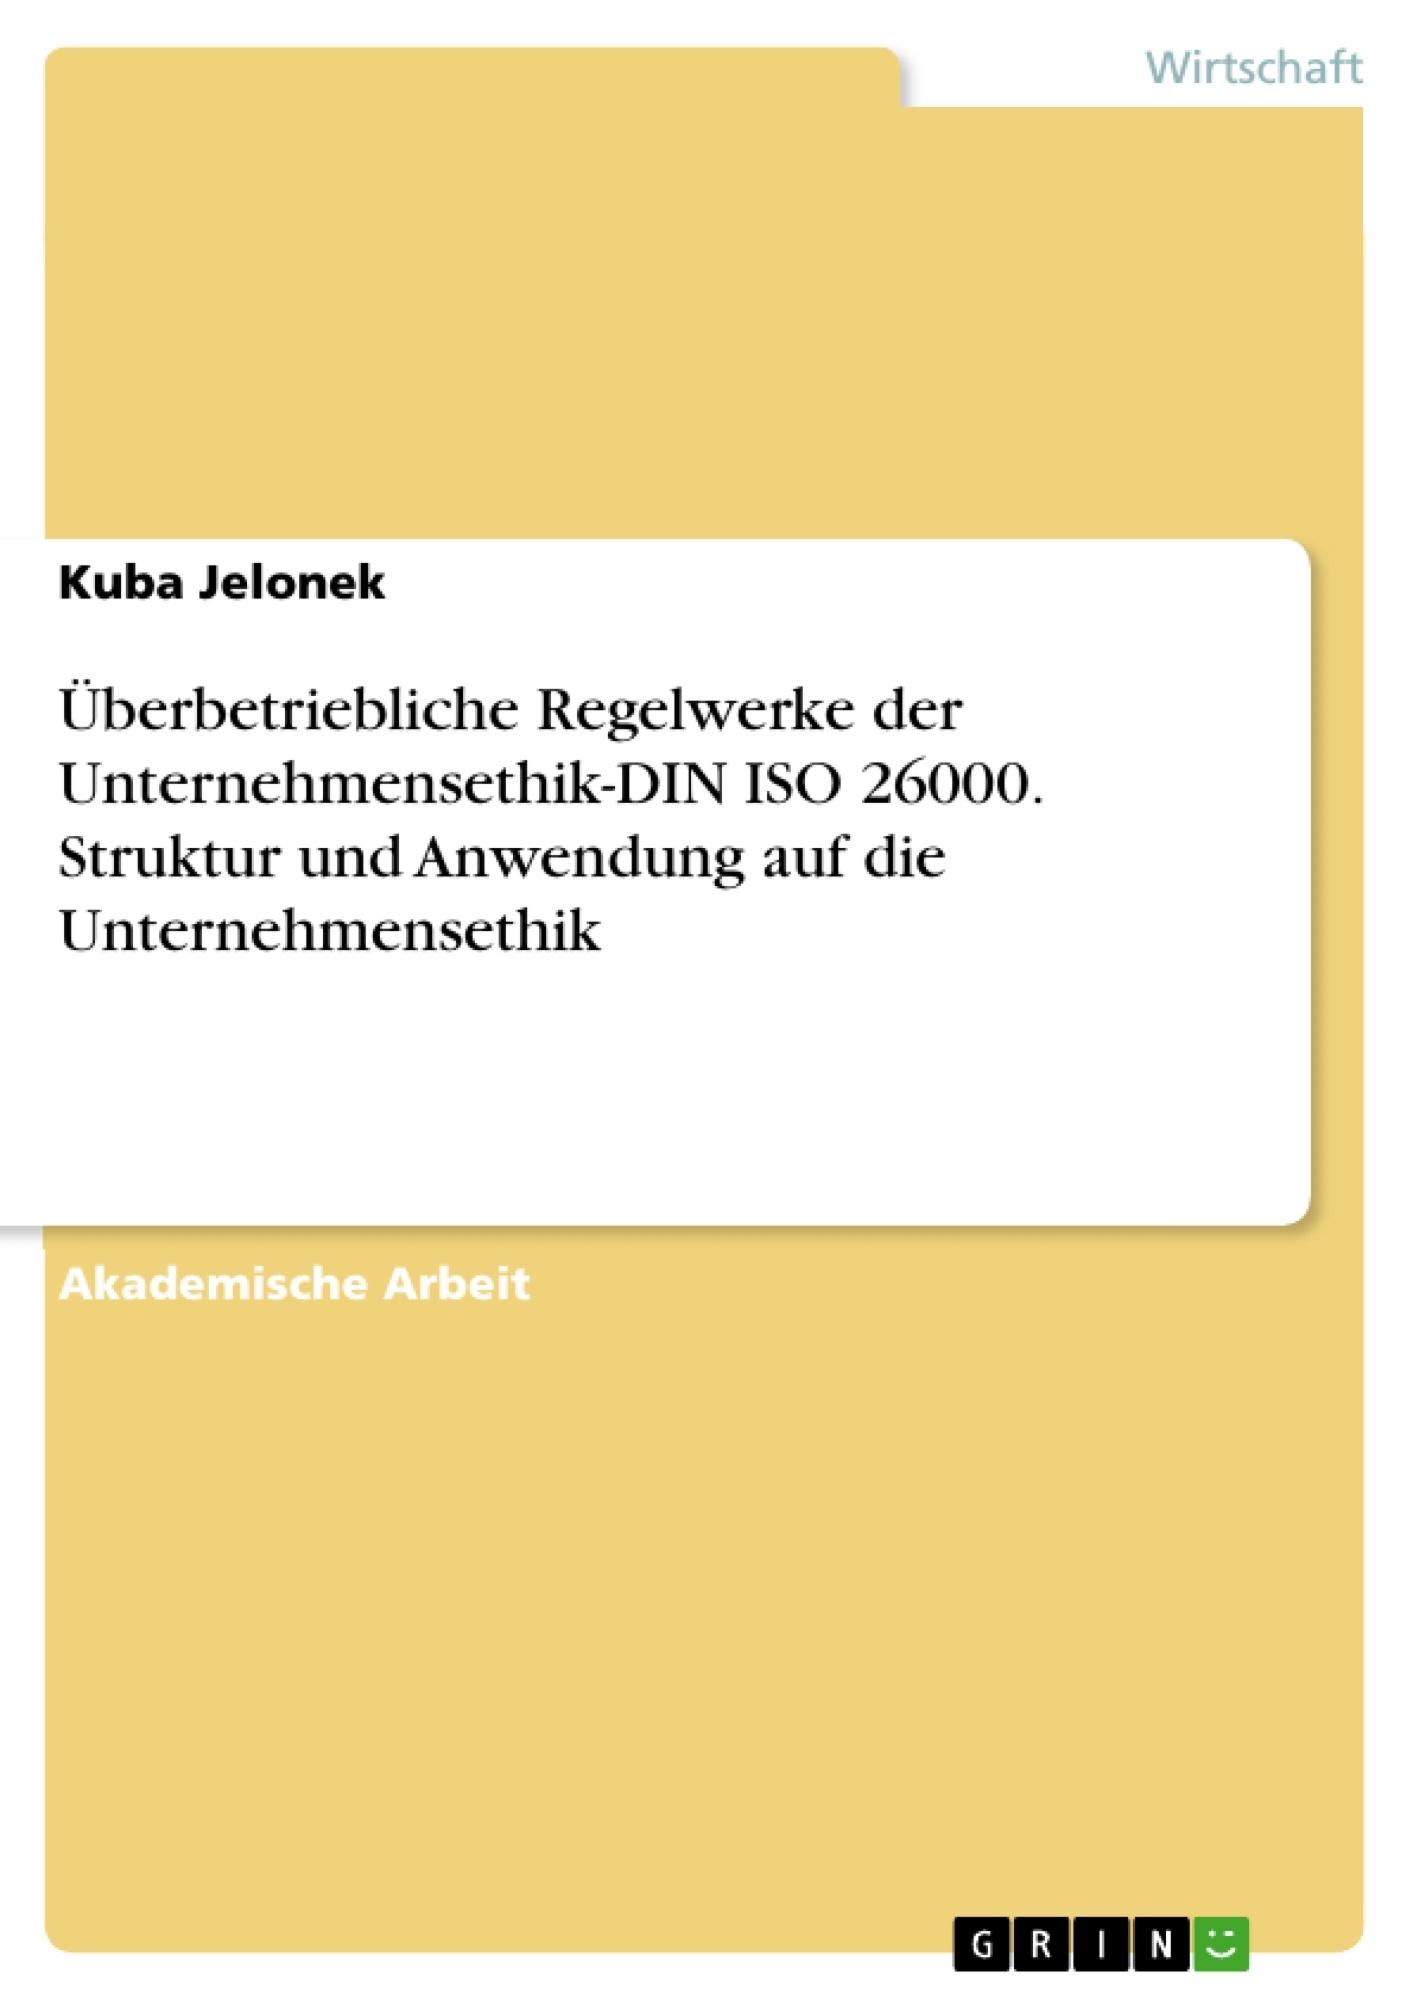 Titel: Überbetriebliche Regelwerke der Unternehmensethik-DIN ISO 26000. Struktur und Anwendung auf die Unternehmensethik